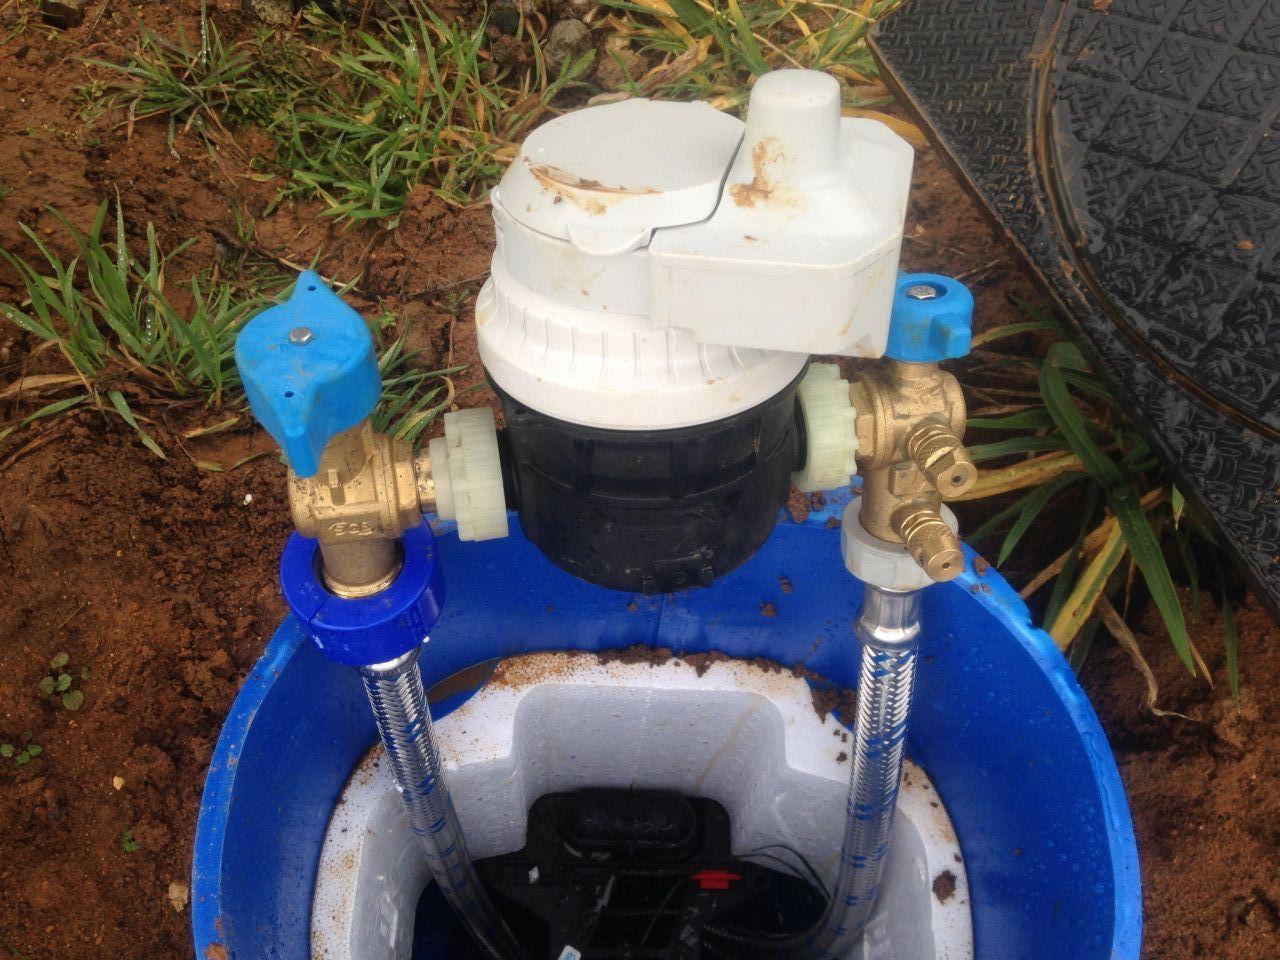 Pose robinet col de cygne de chantier 7 messages for Col de cygne chantier